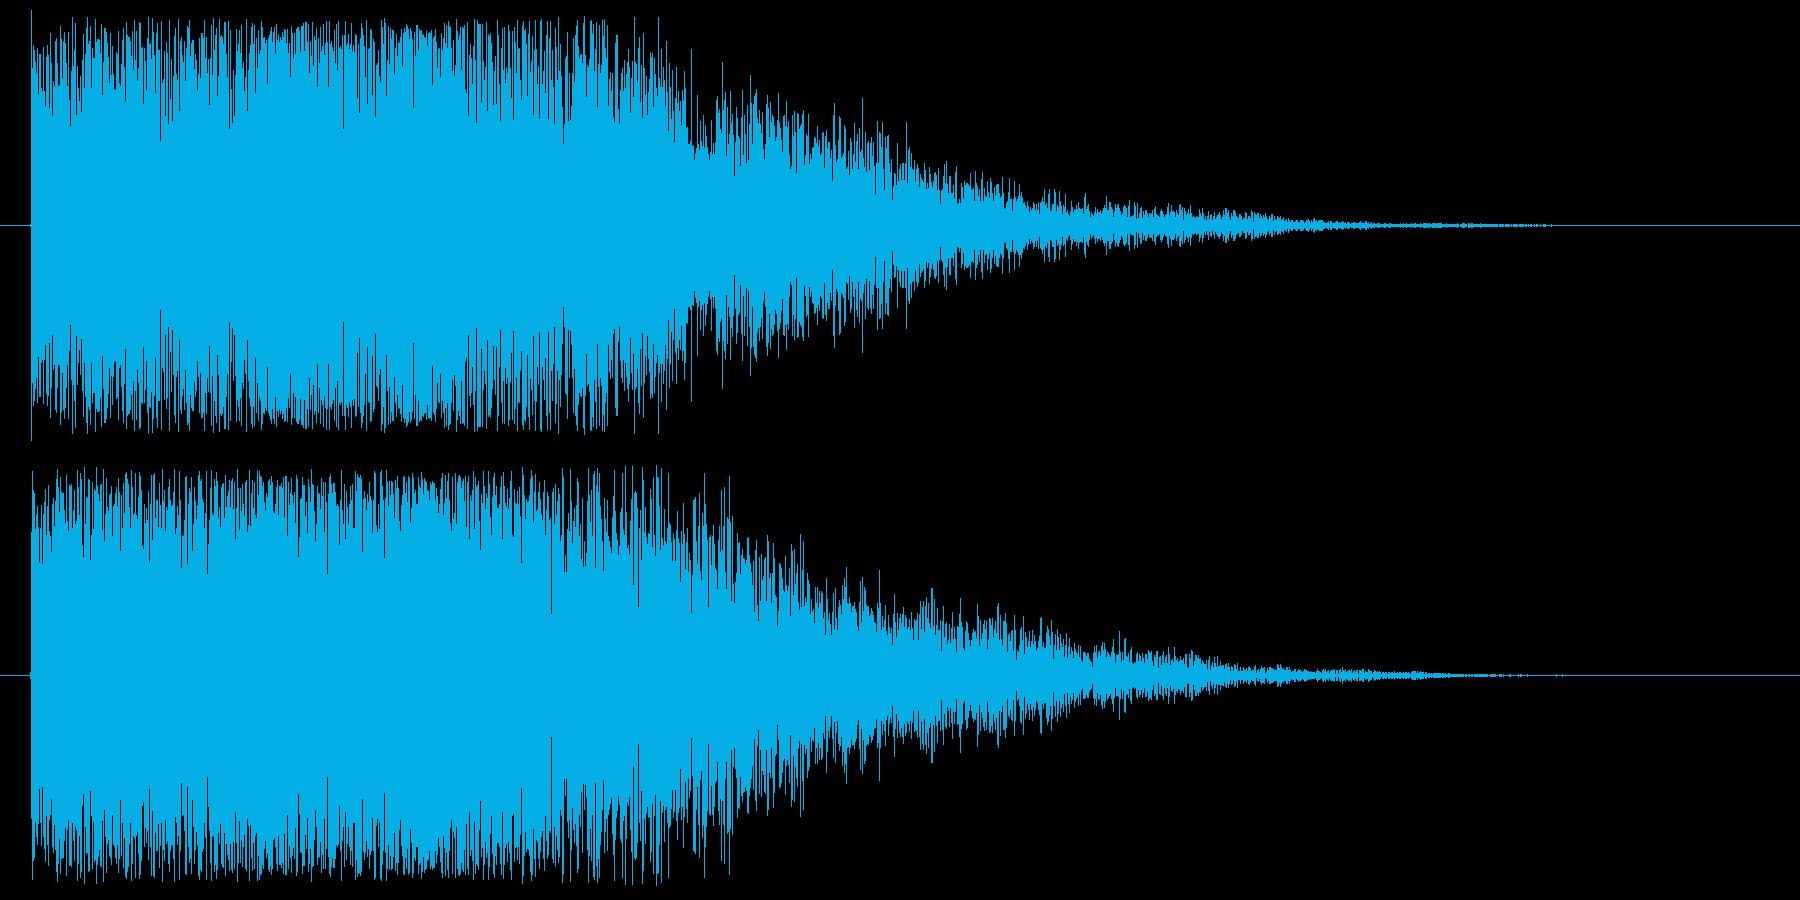 【決定音 2】 暗い,不気味,ボタン音の再生済みの波形